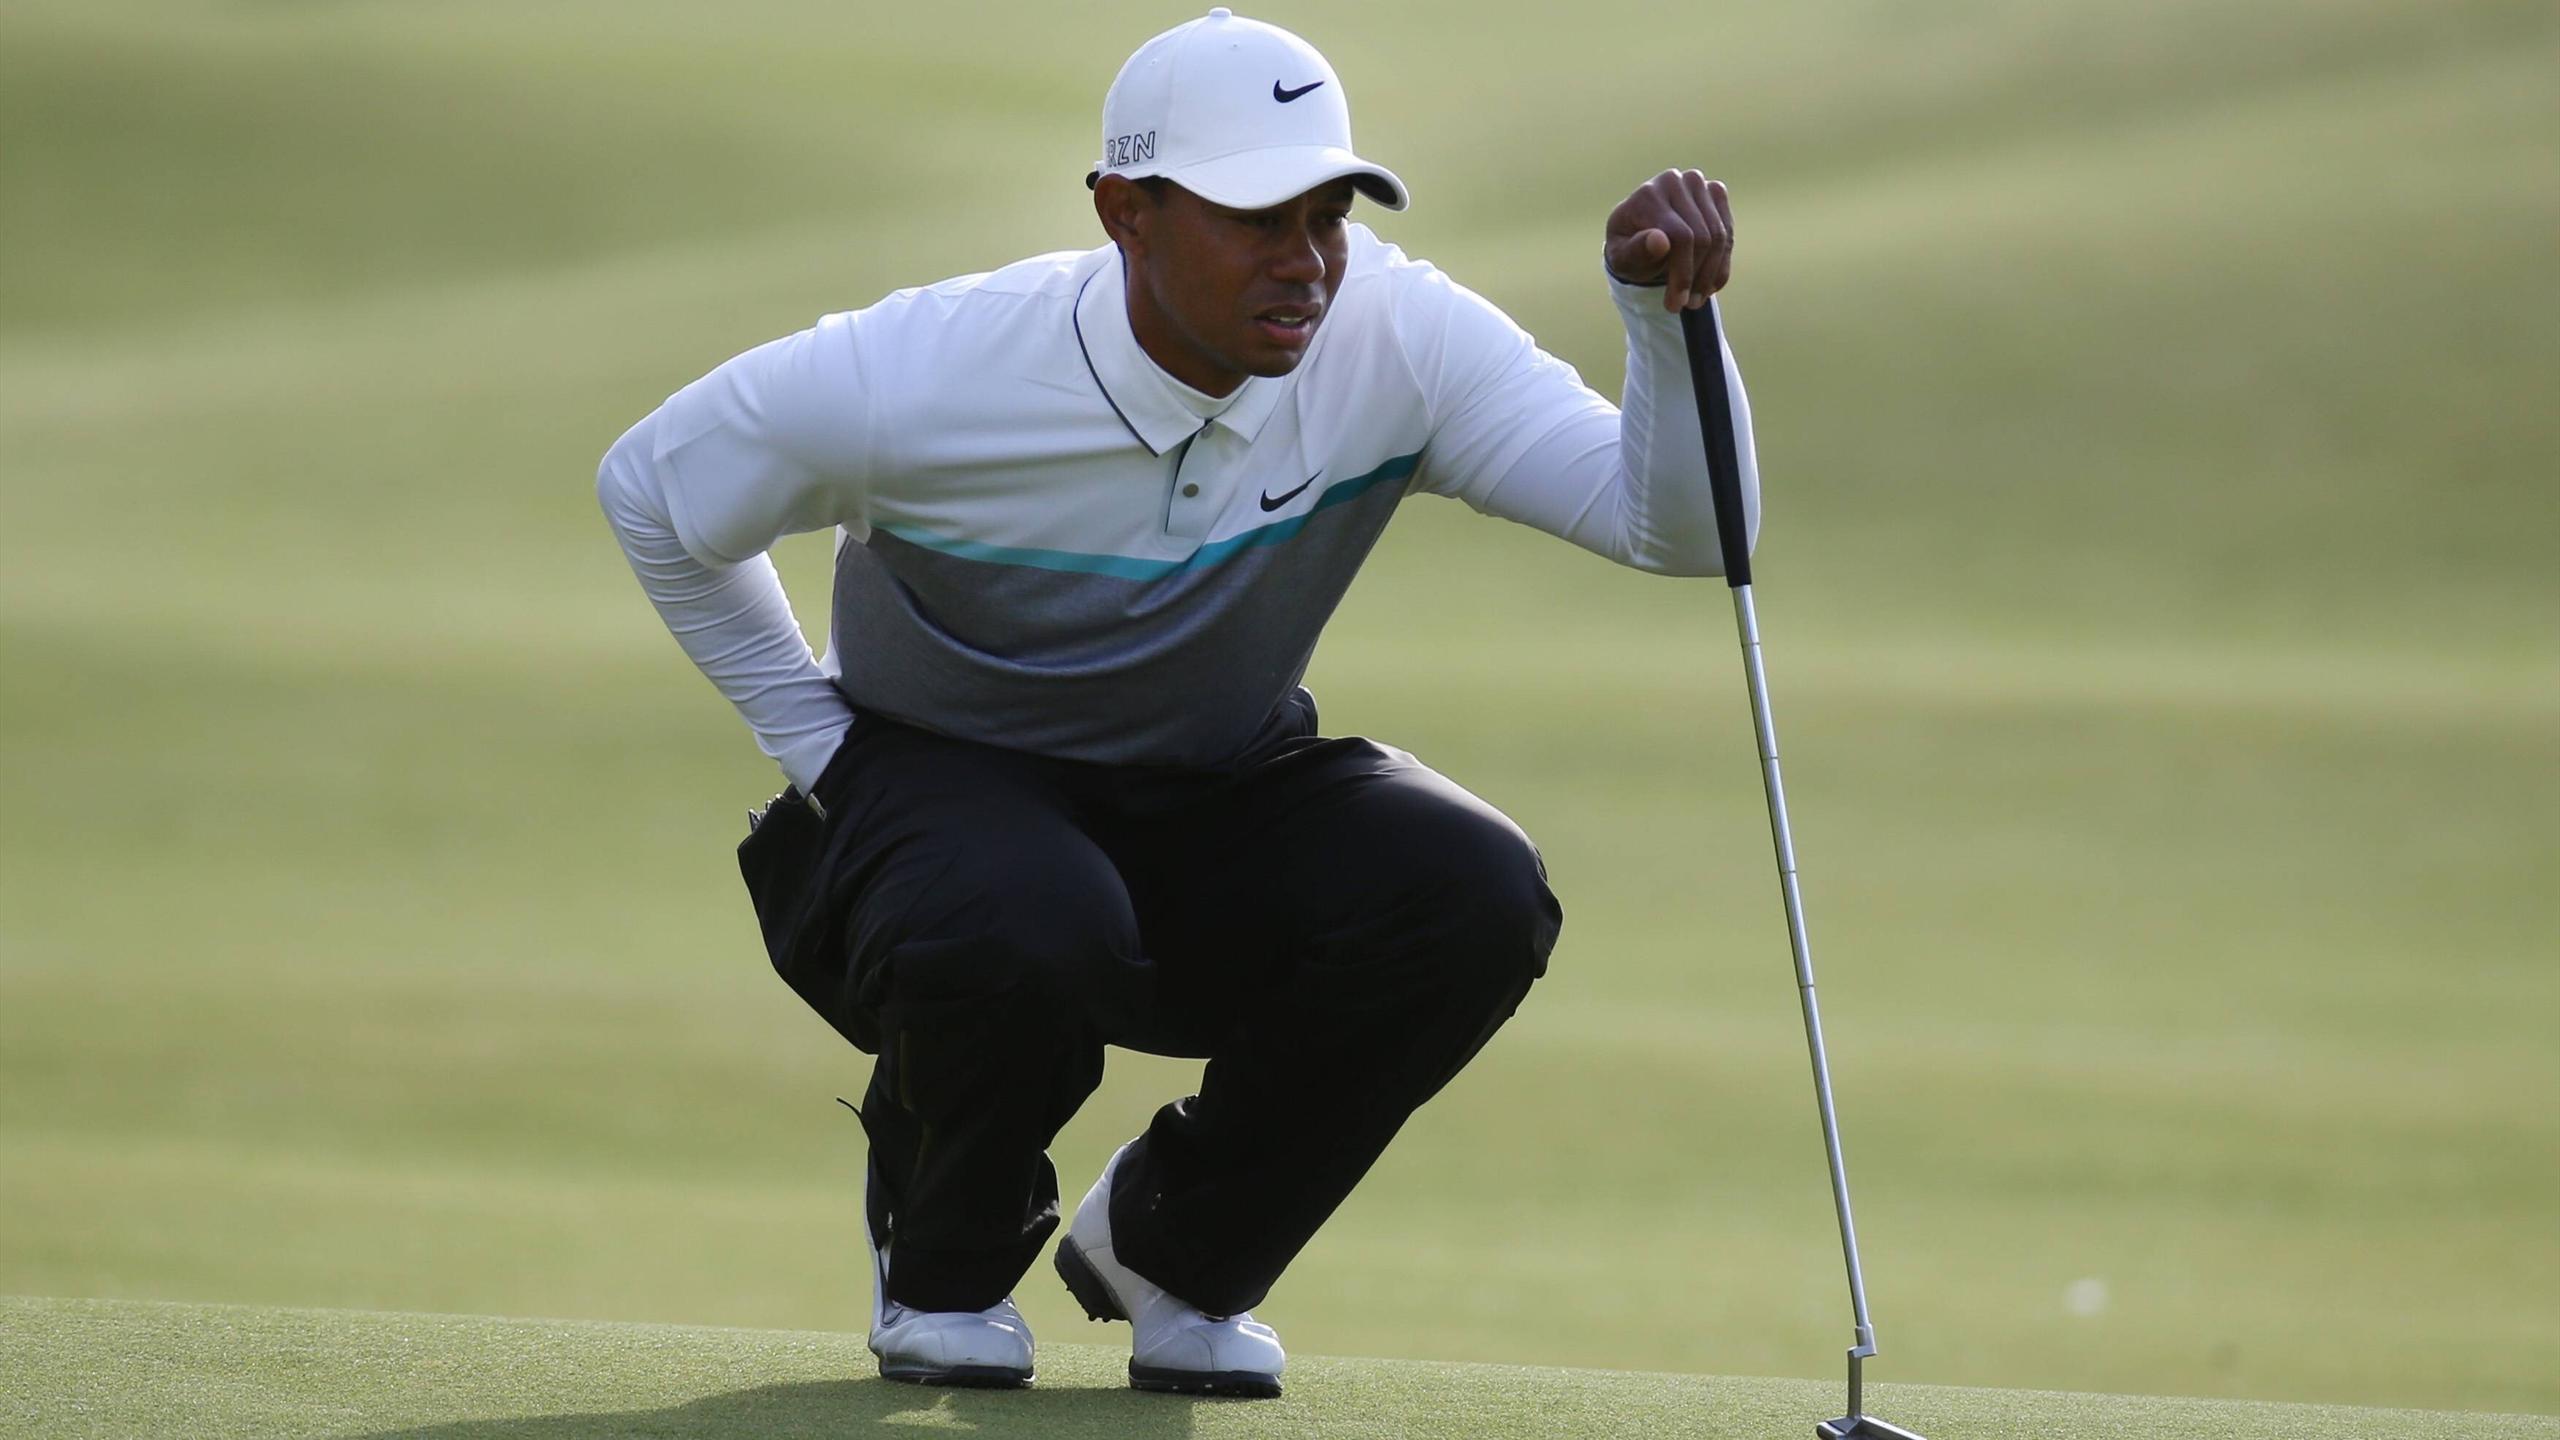 Kämpfte sich in das Turnier in Virginia: Tiger Woods